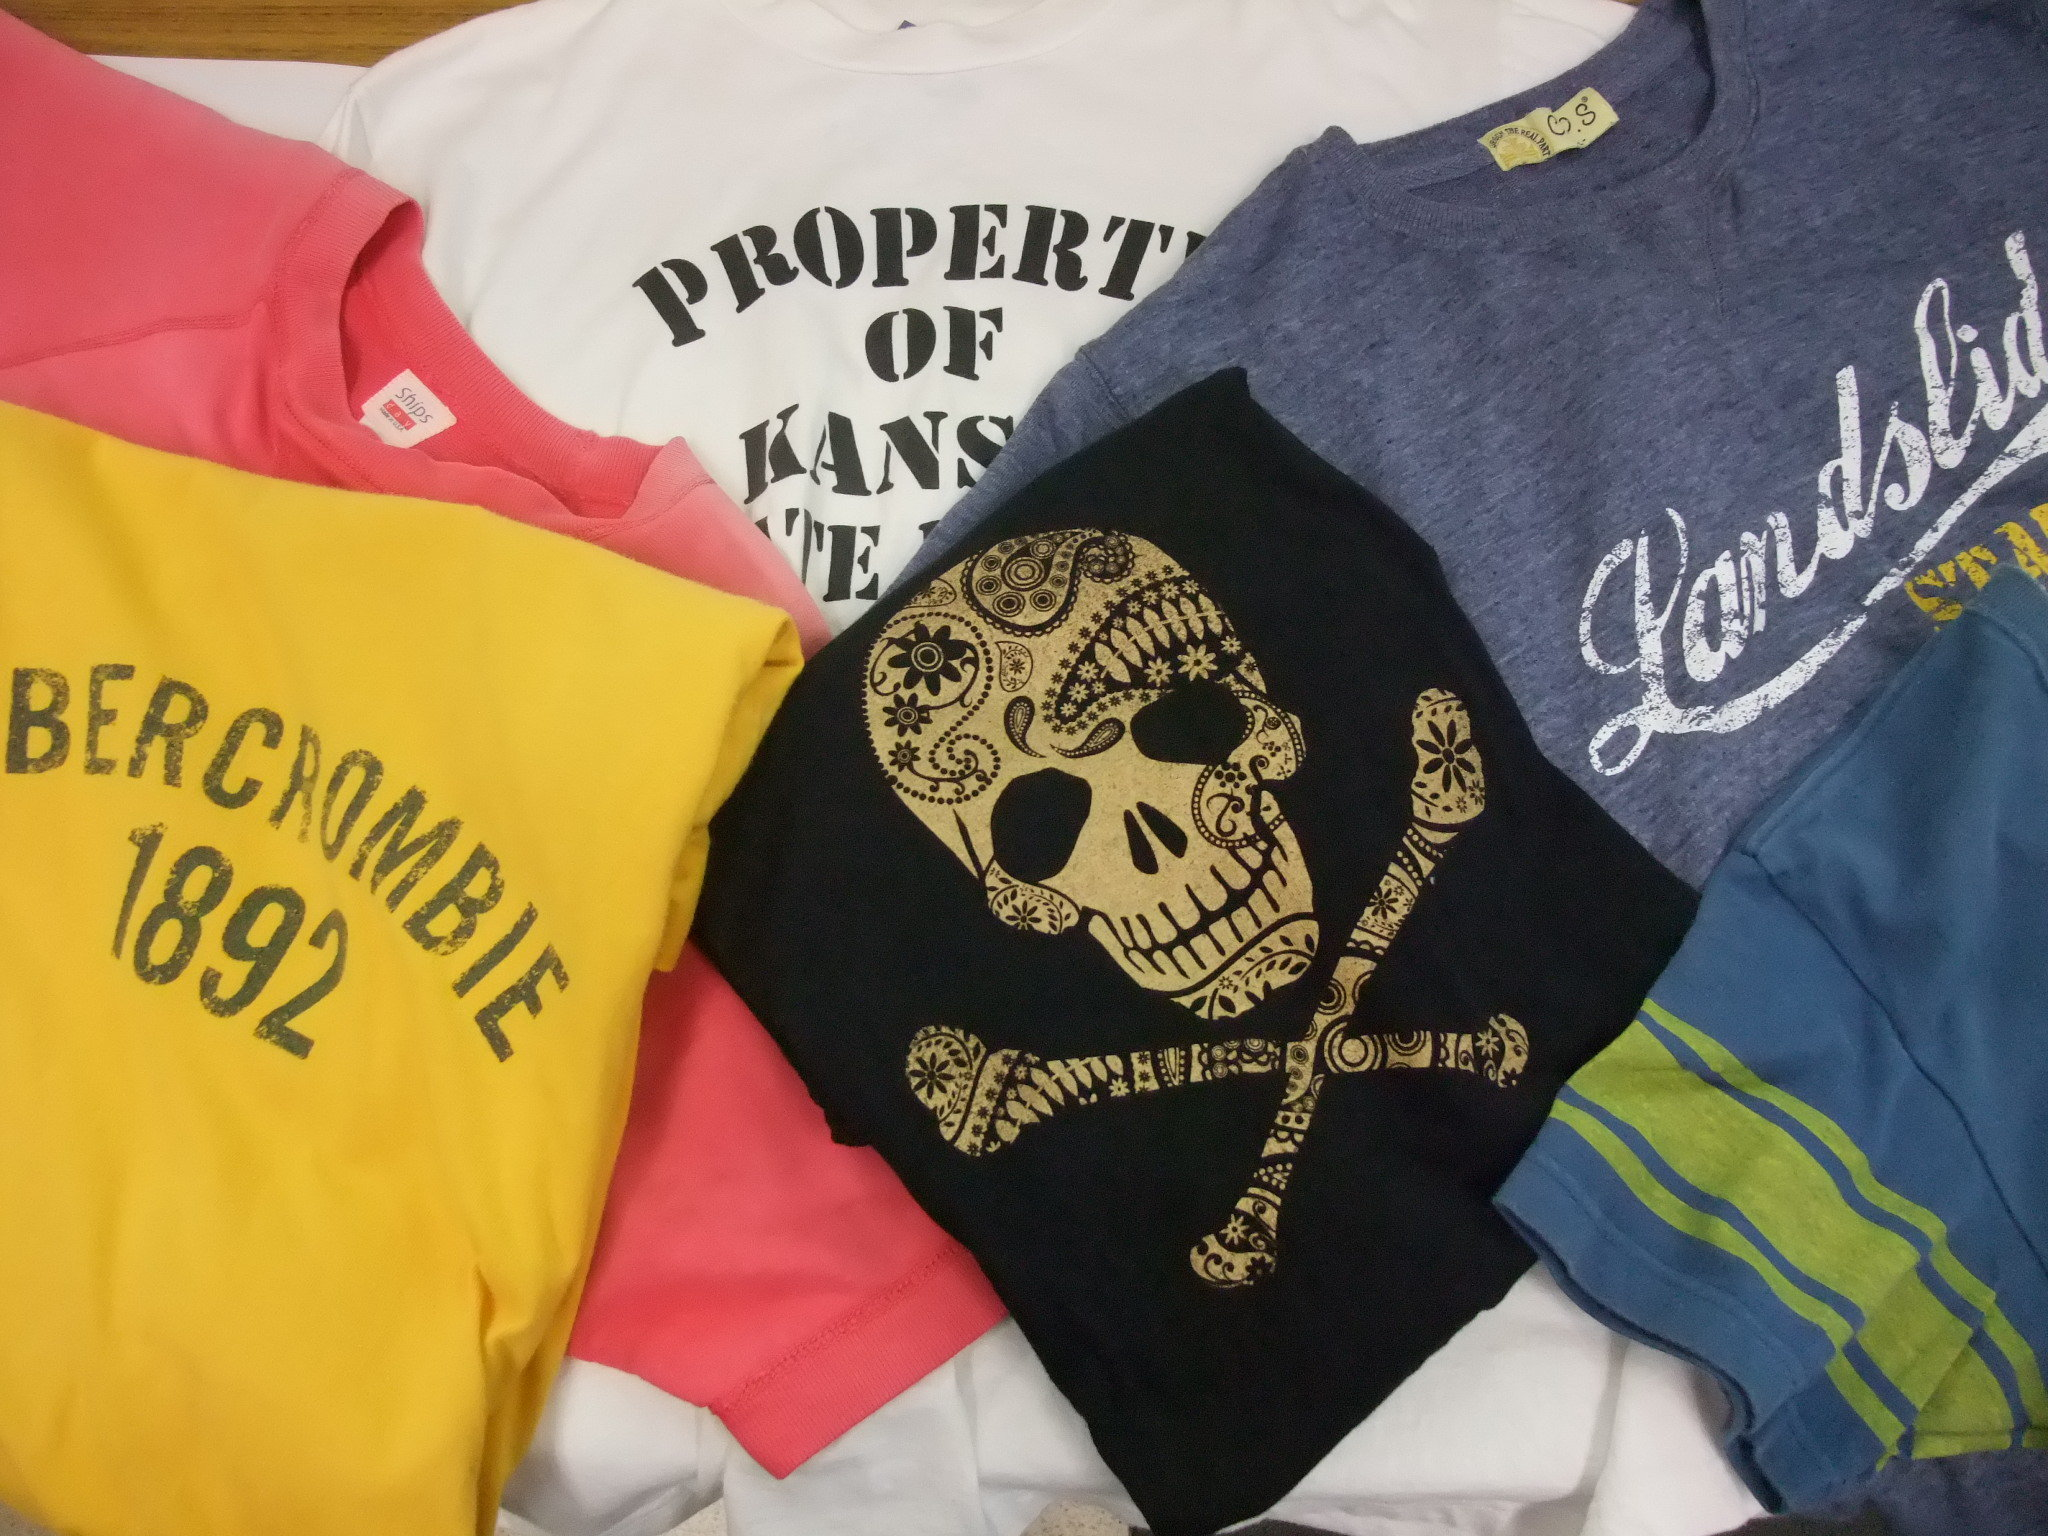 メンズTシャツ買取強化中! メンズ アメカジ系ブランドT高価買取中です。